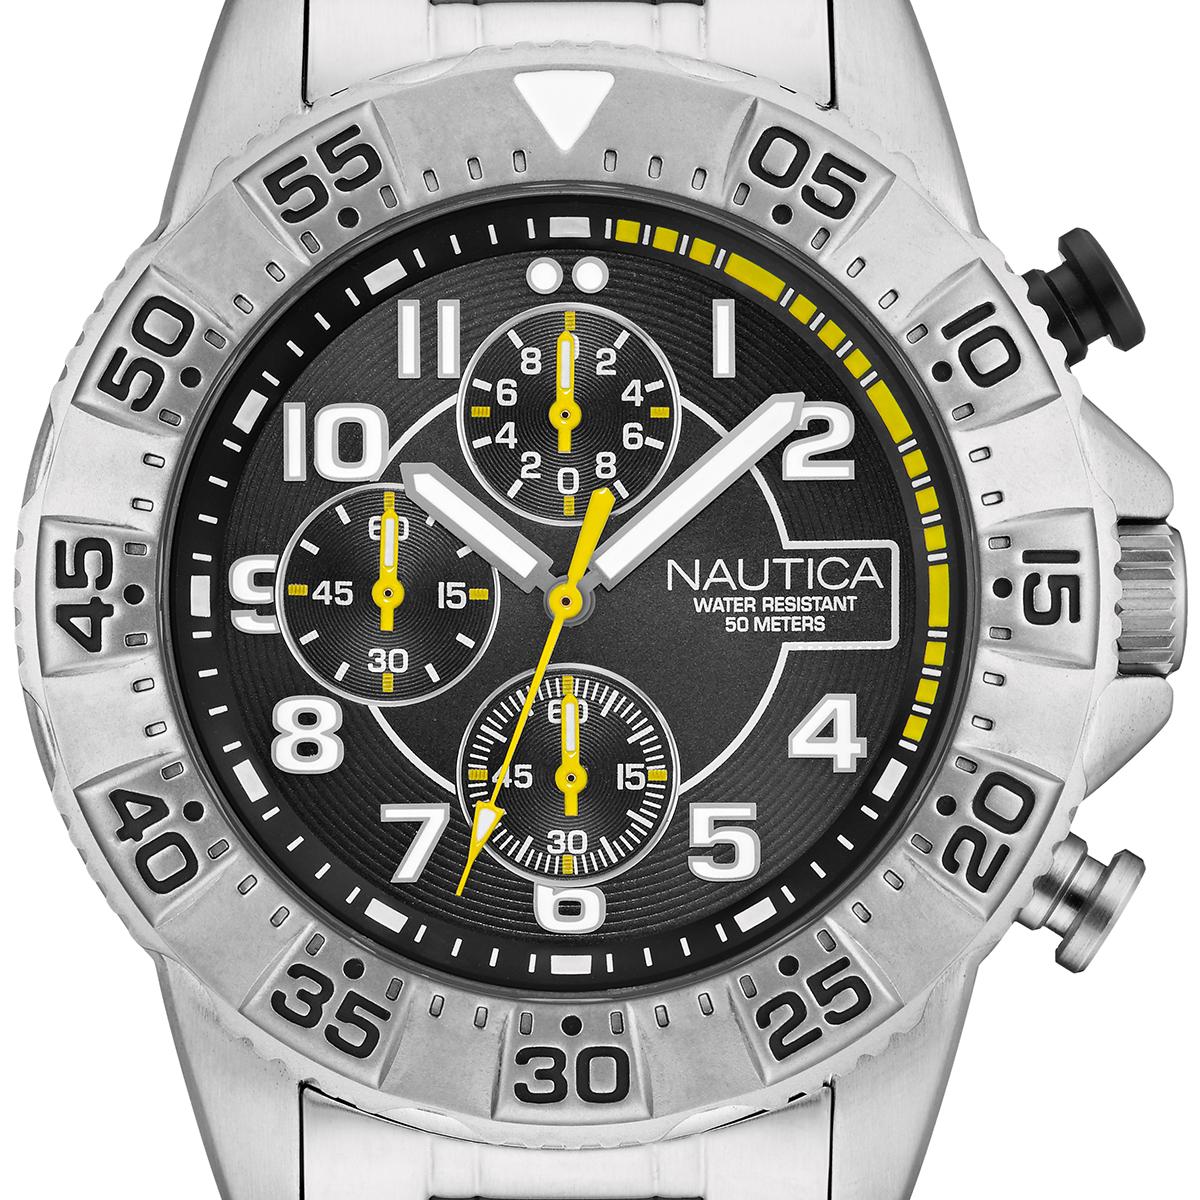 NAUTICA ノーティカ ノーチカ クォーツ 腕時計 メンズ ファッション マリンスポーツ [NAD16004G] 並行輸入品 純正ケース メーカー保証12ヶ月